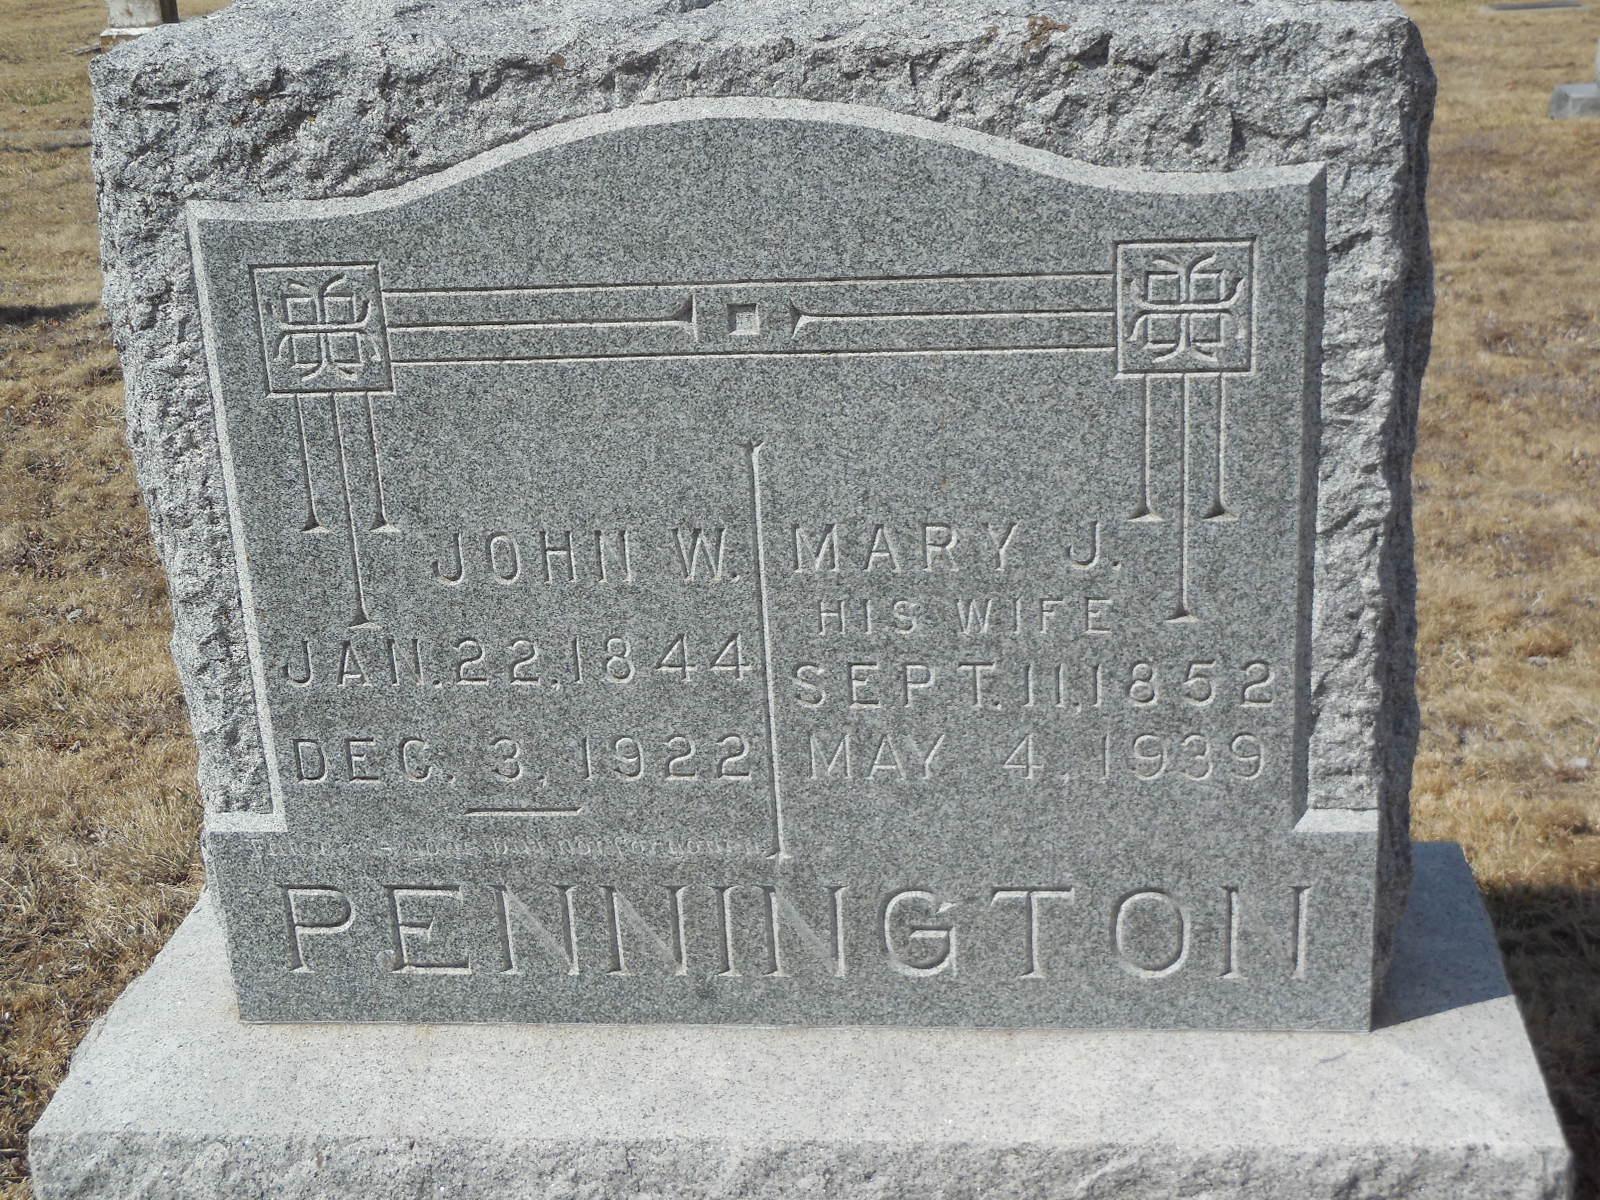 John William Pennington